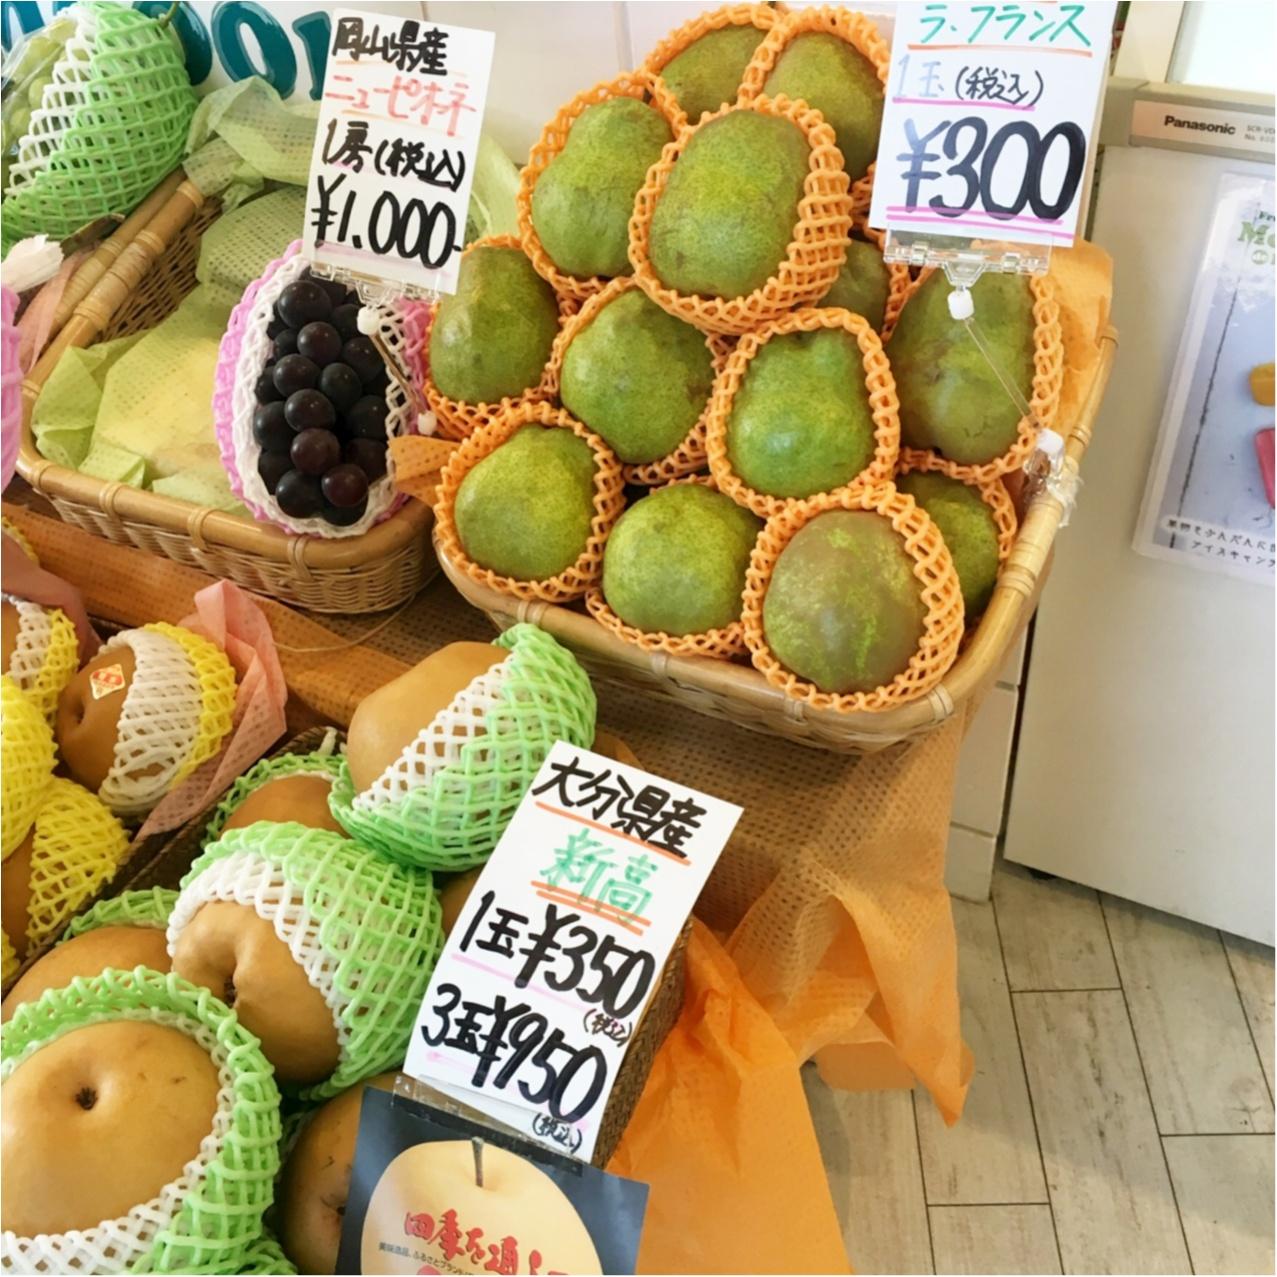 フルーツ好きさん集まれ♡ 果実専門店が作る完熟の《 フルーツパルフェ 》が美味しい♡♡_3